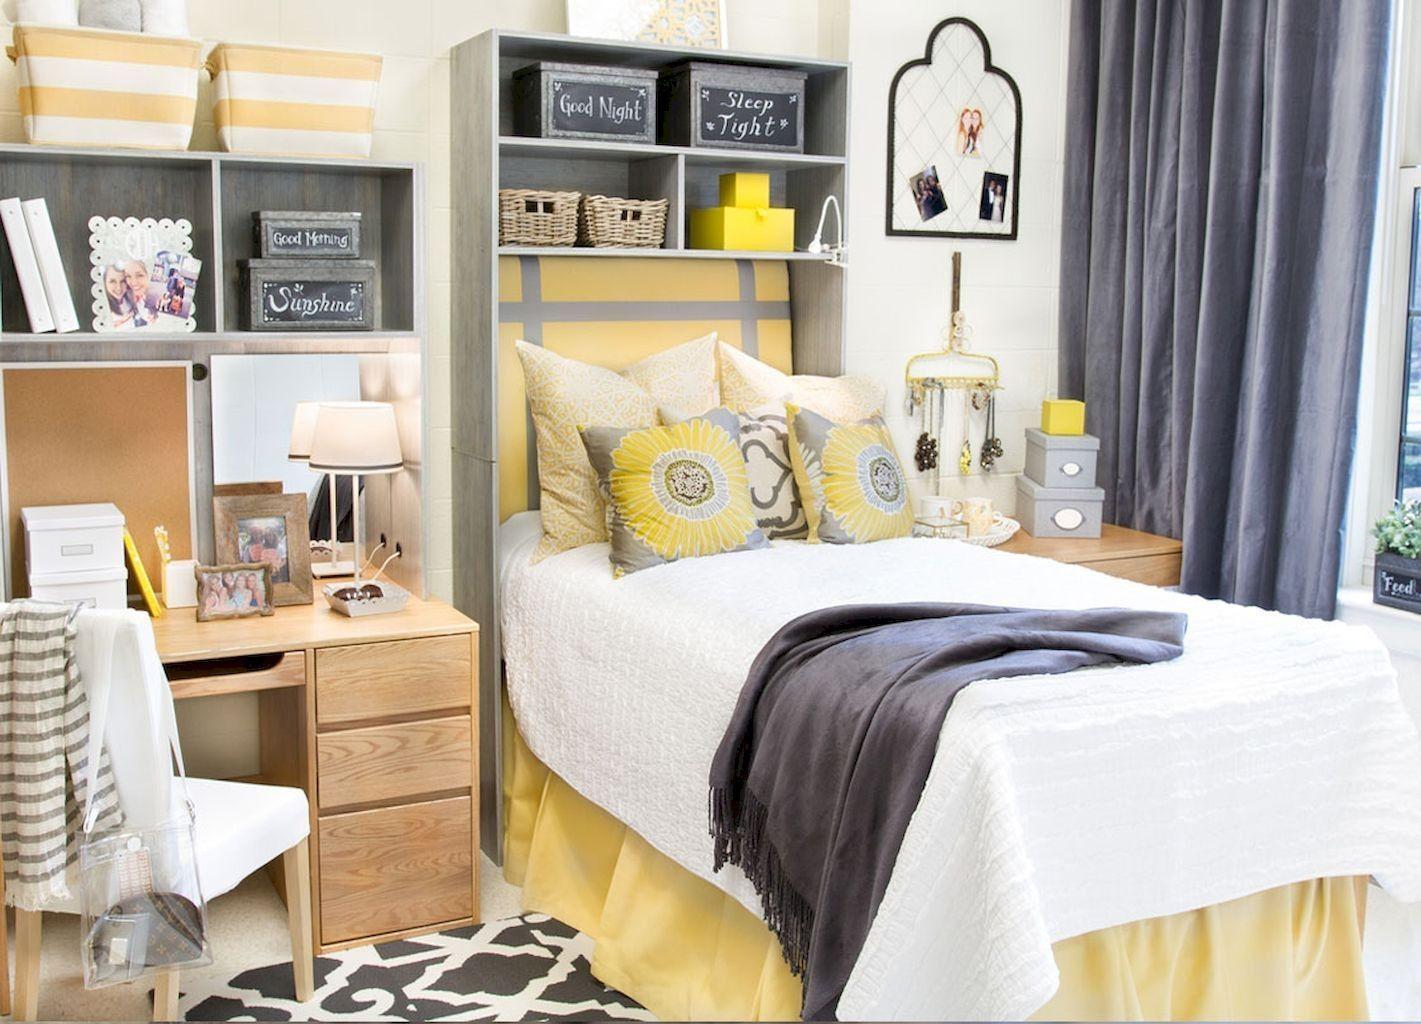 Best Dorm Room Inspiration Choosing Multifunction Furniture For Decorating A Dorm Room Dormroom Decorateador Dorm Room Diy Dorm Room Inspiration Dorm Design